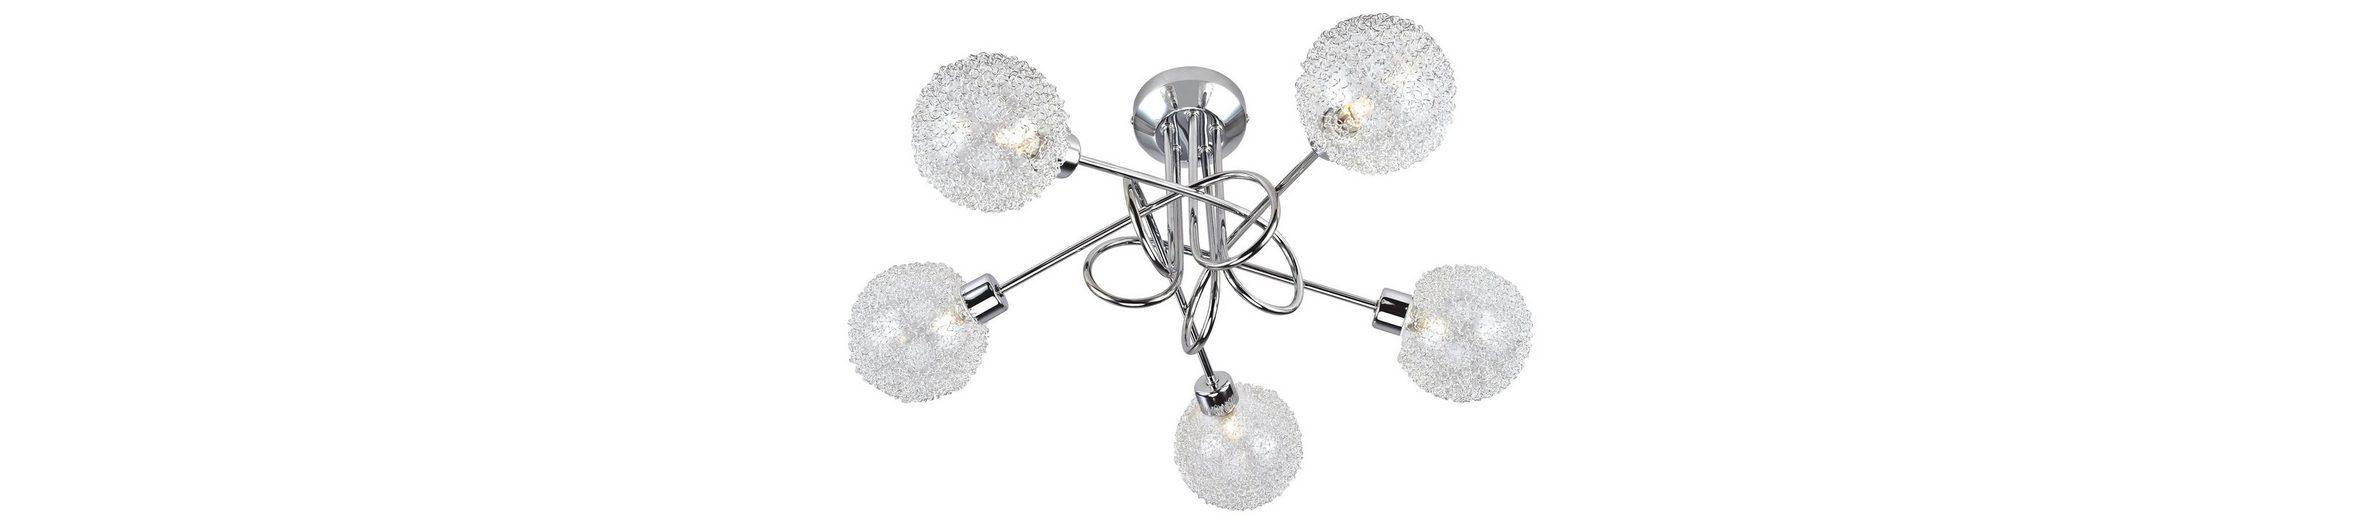 Halogen-Deckenlampe, Leuchten Direkt (5flg.)